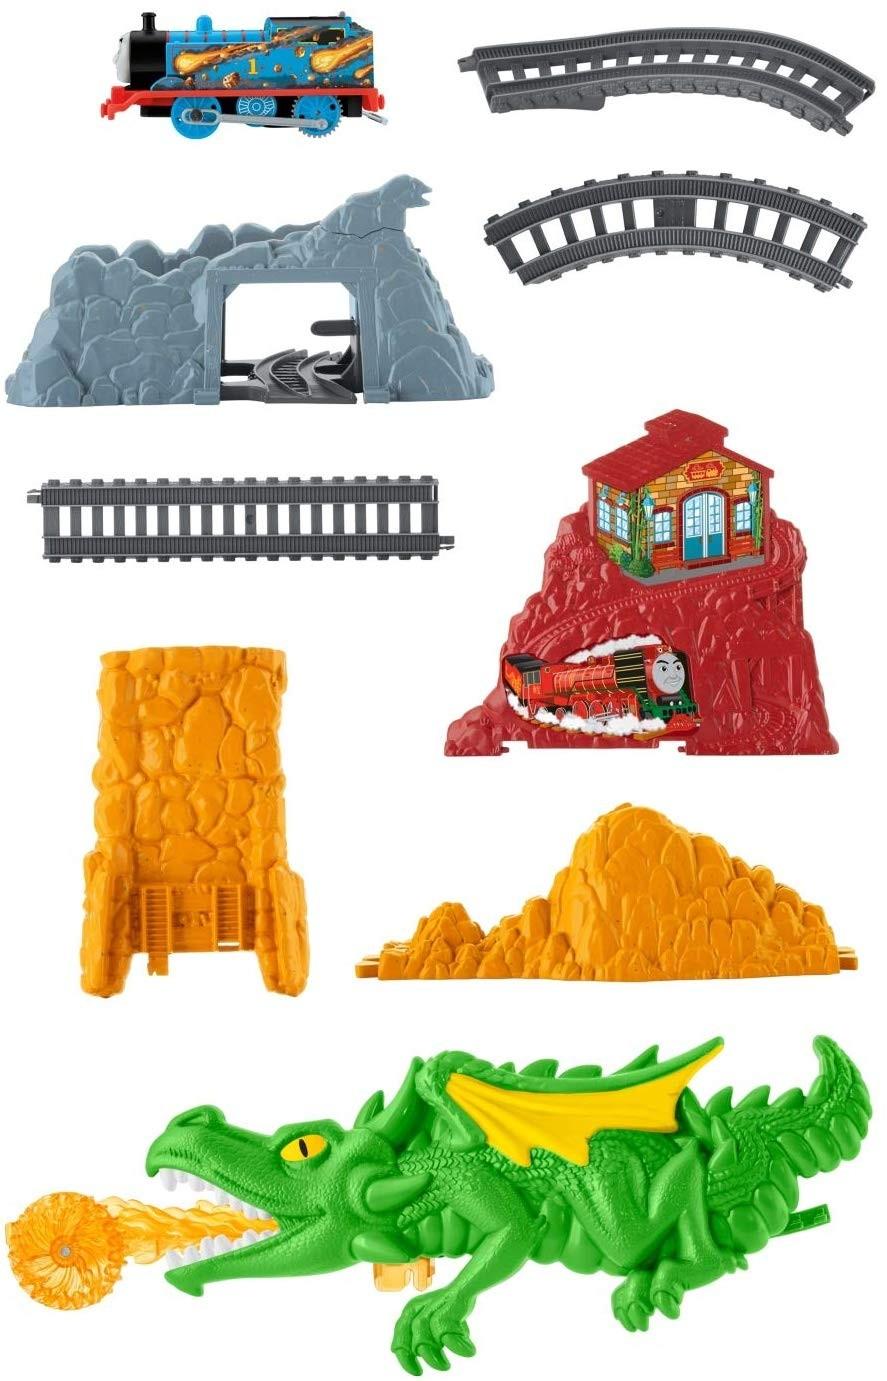 Thomas si prietenii - Provocarea dragonului - trenulet electric - Mattel 3